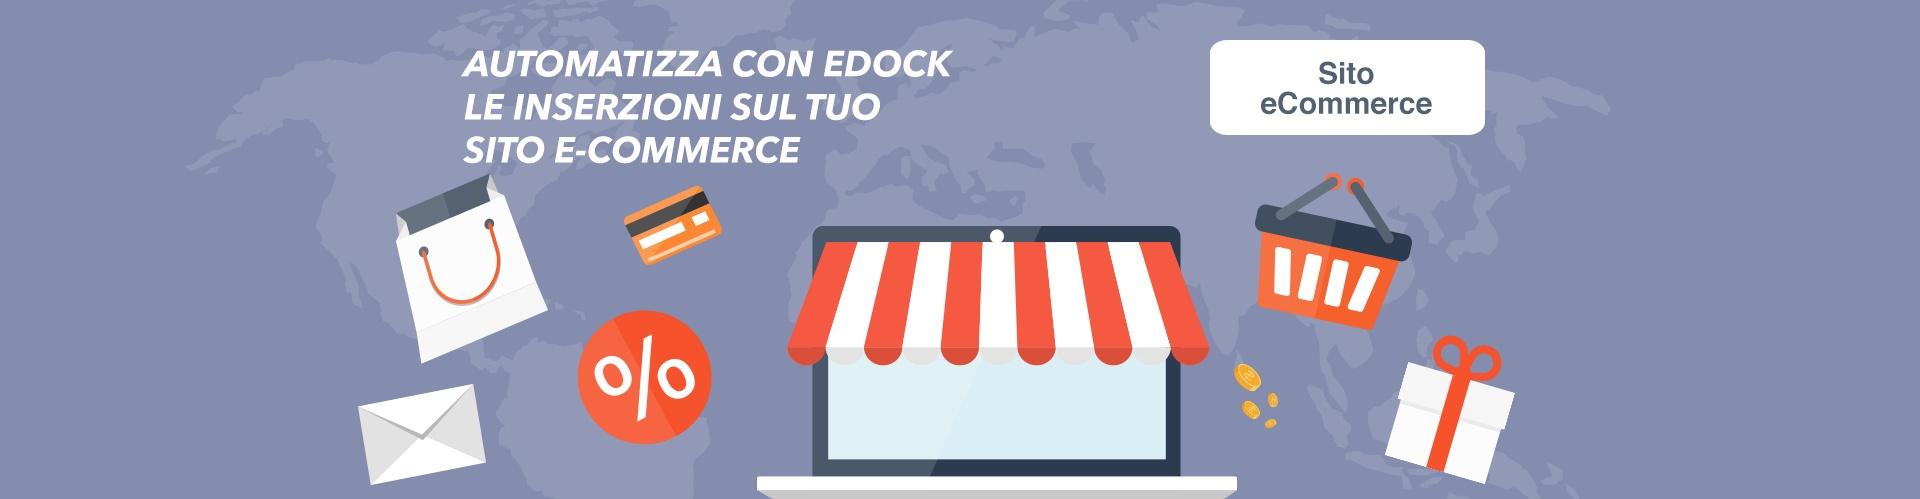 ecommerce_banner.jpg